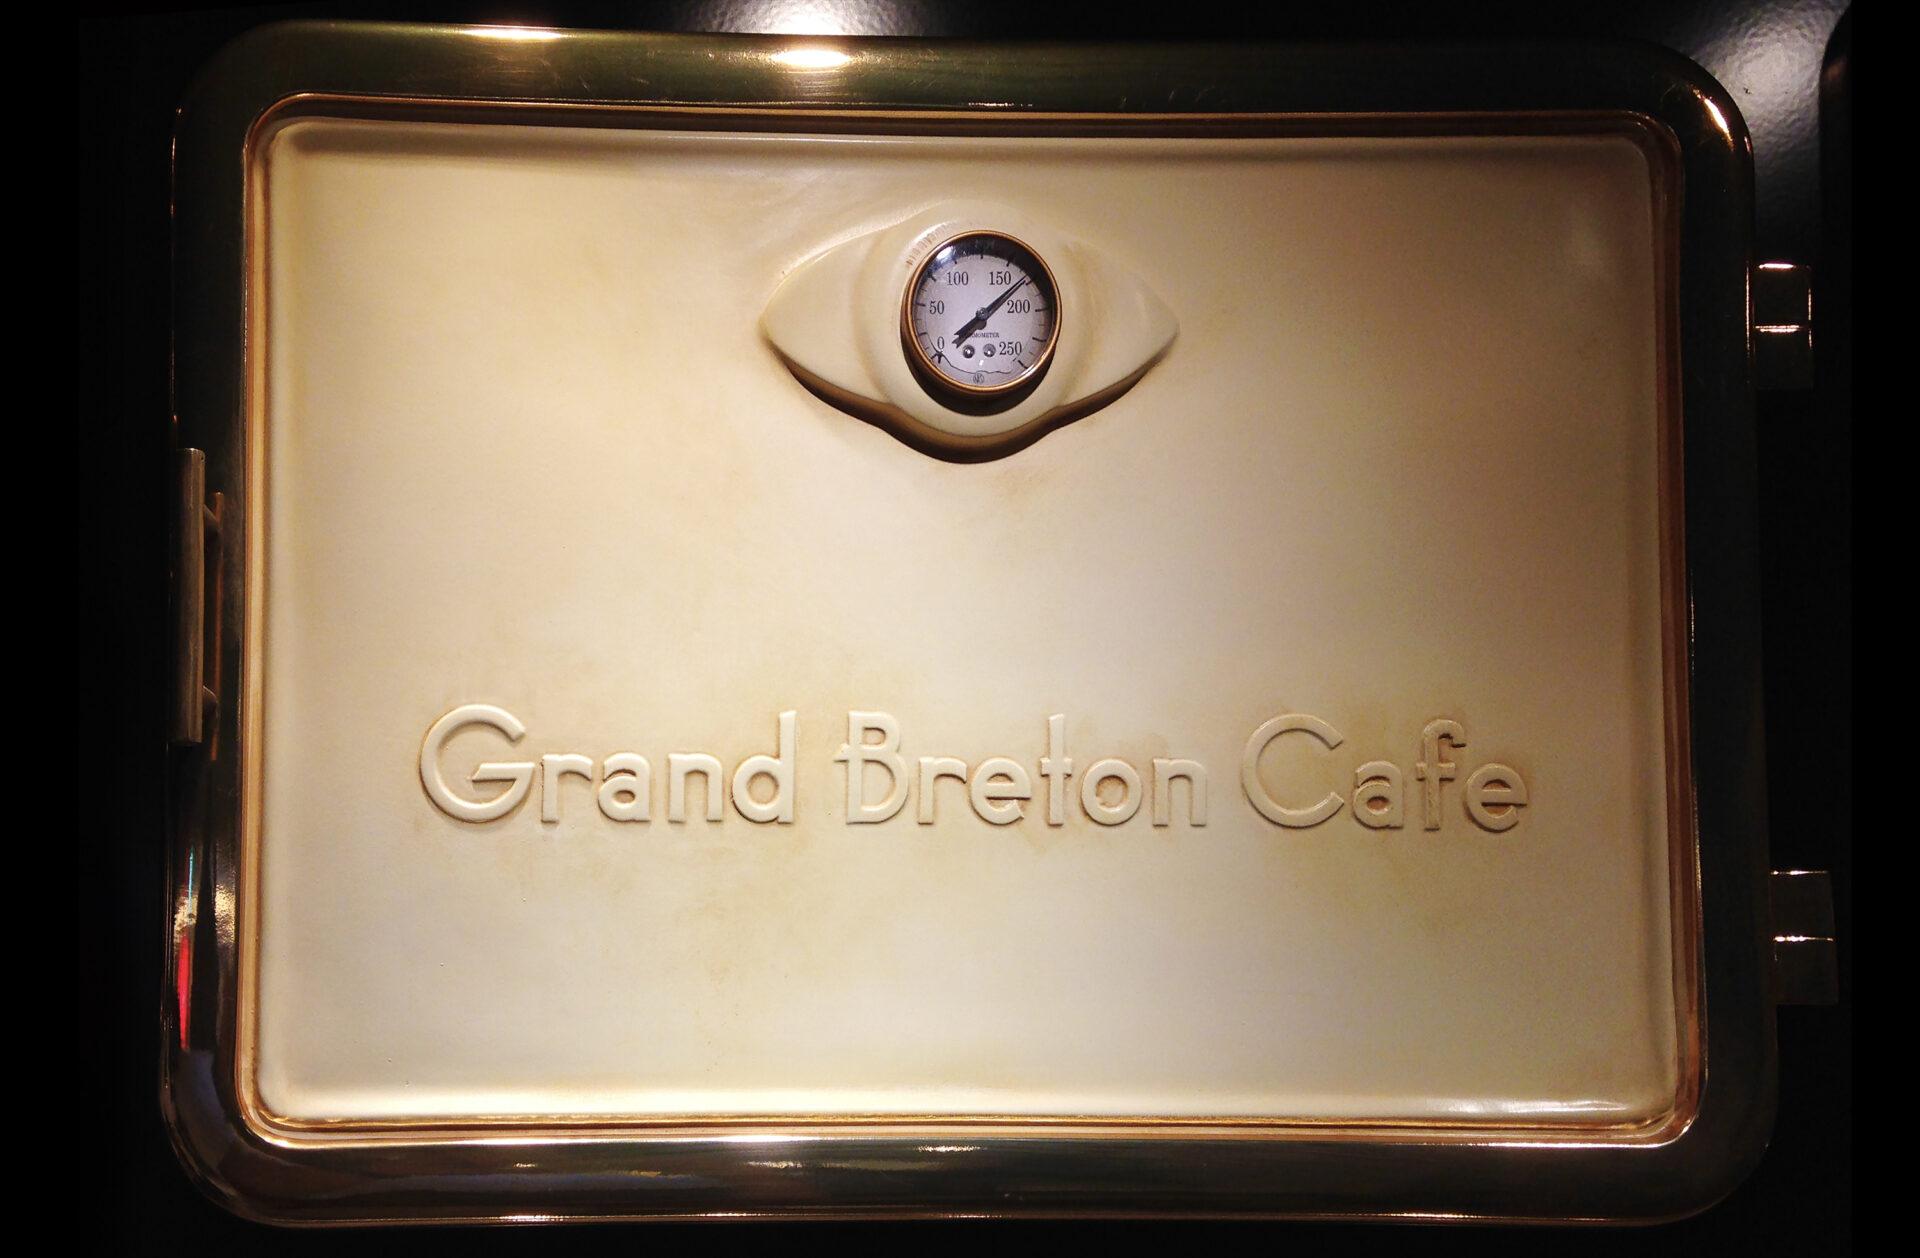 Grand Bredon Cafe